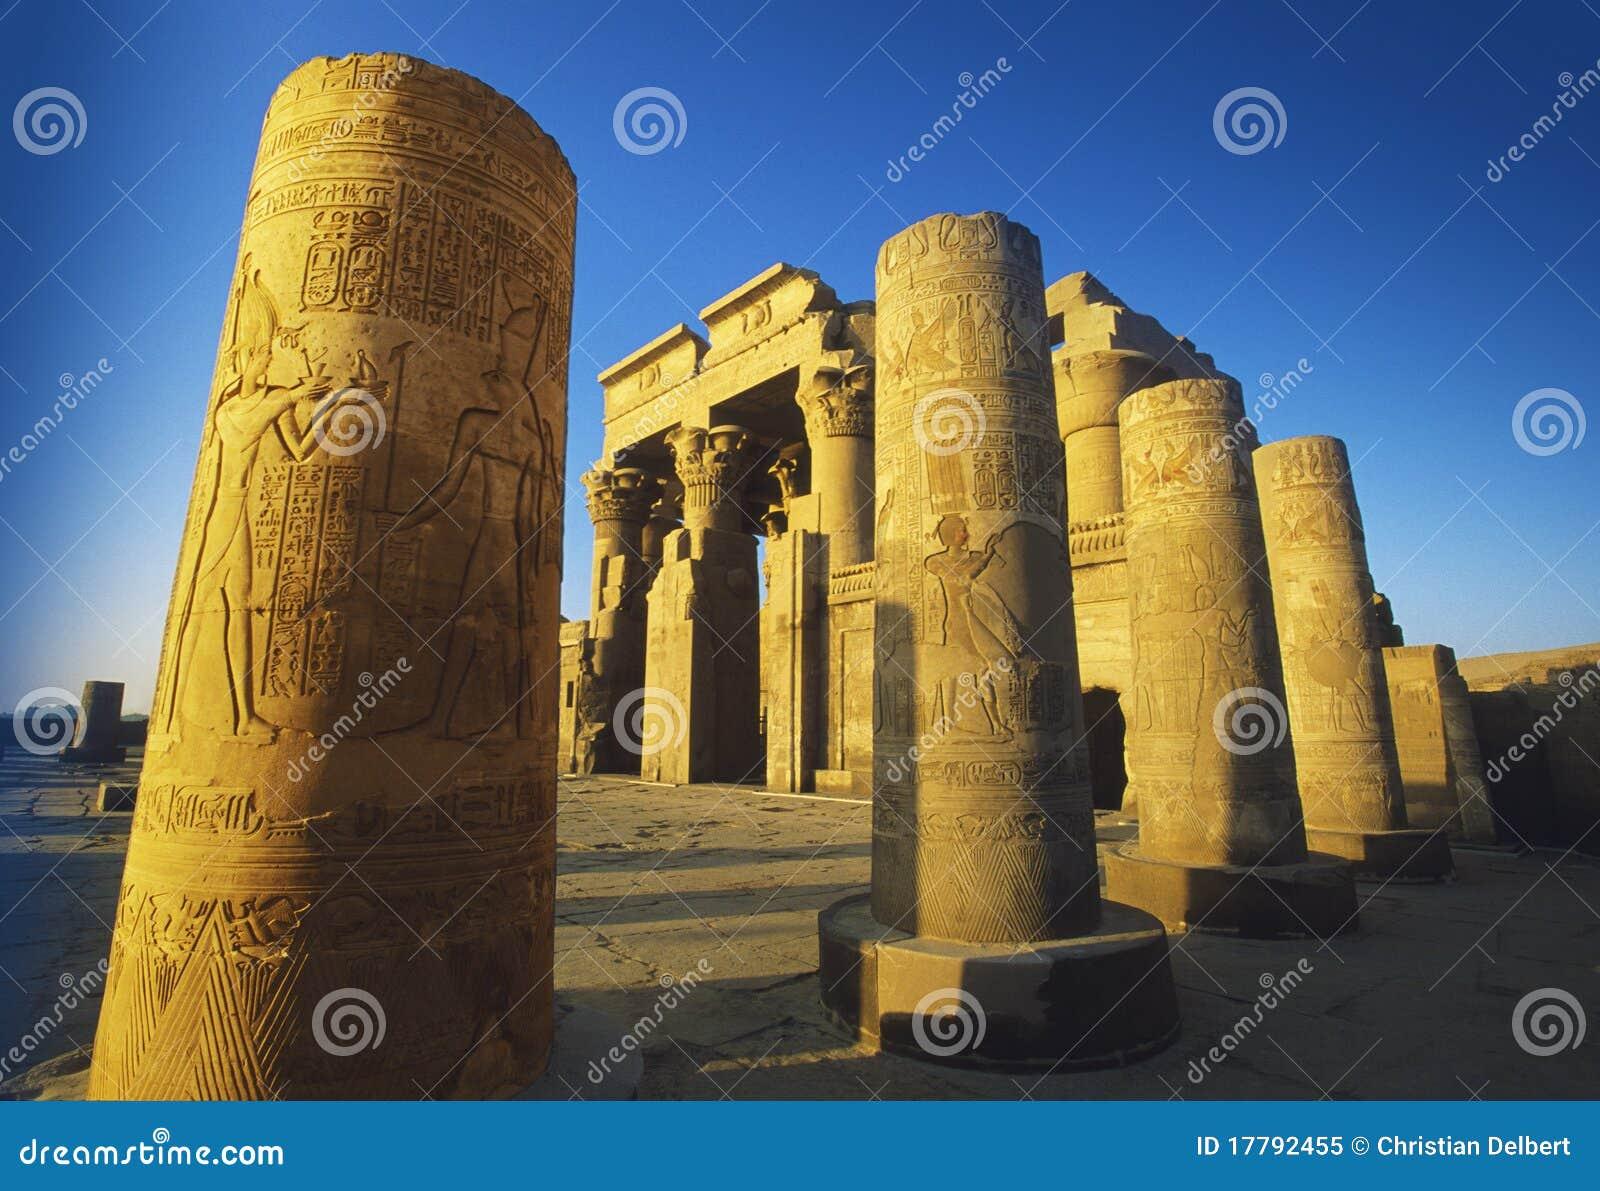 Egypt komombo